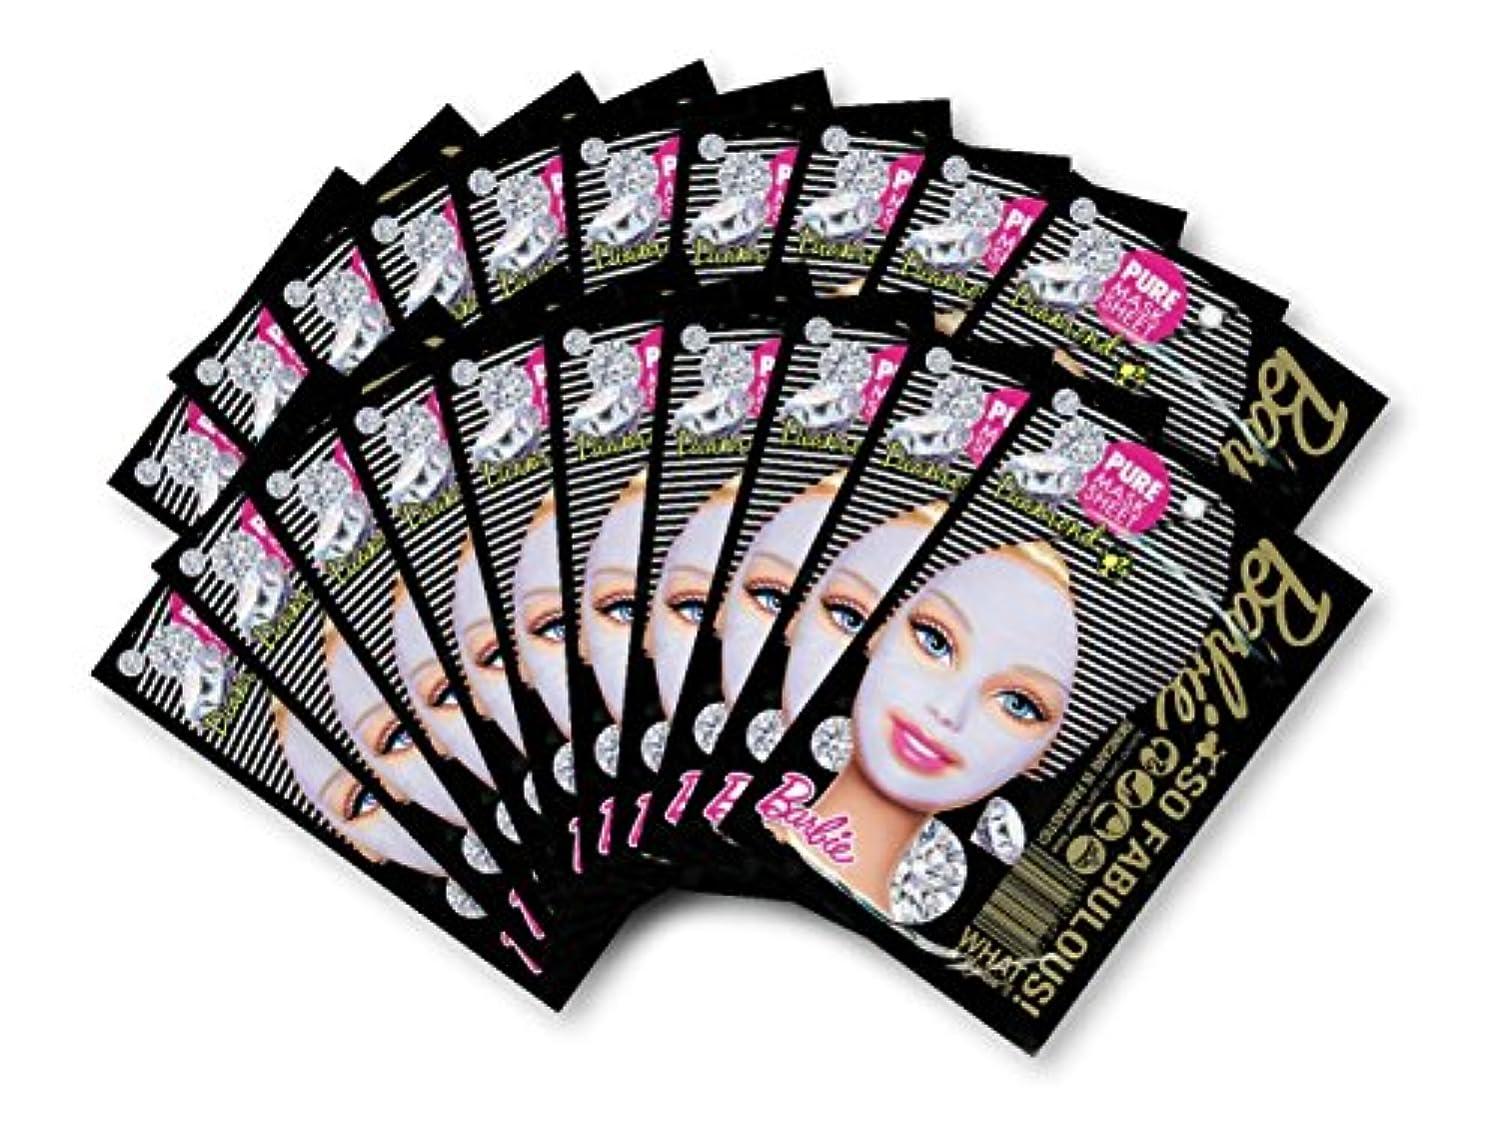 苦行マトリックス驚いたことにバービー (Barbie) フェイスマスク ピュアマスクシートN (ダイアモンド) 25ml×20枚入り [保湿] 顔 シートマスク フェイスパック